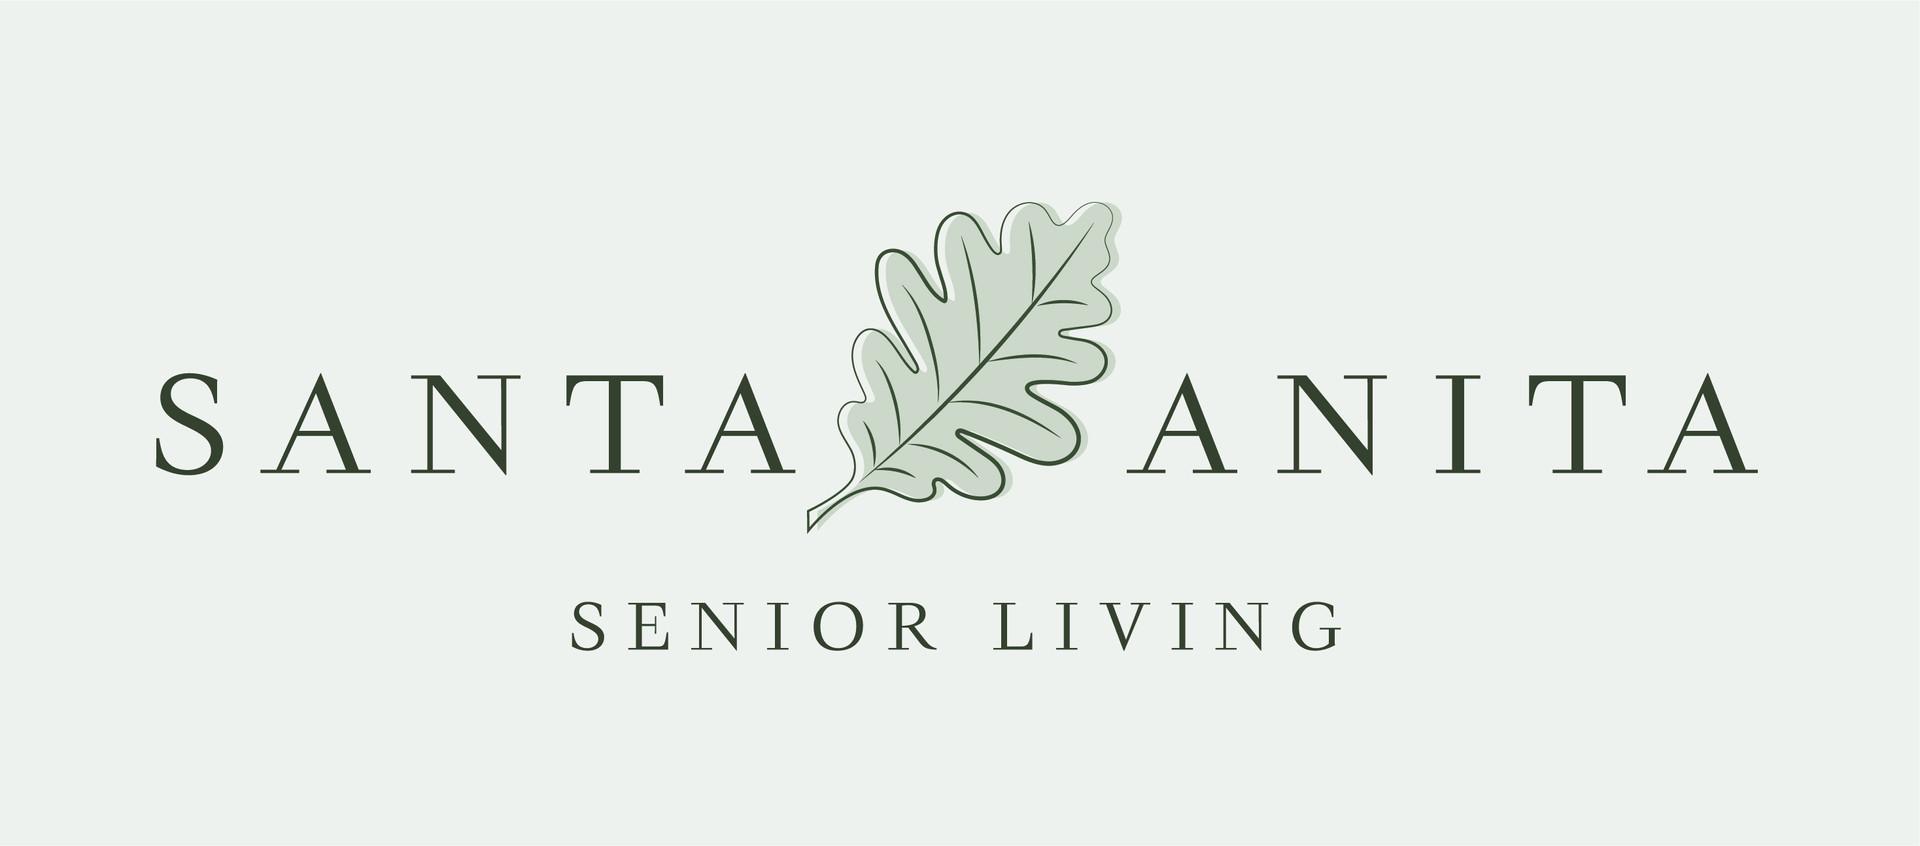 santa anita senior living logo - website